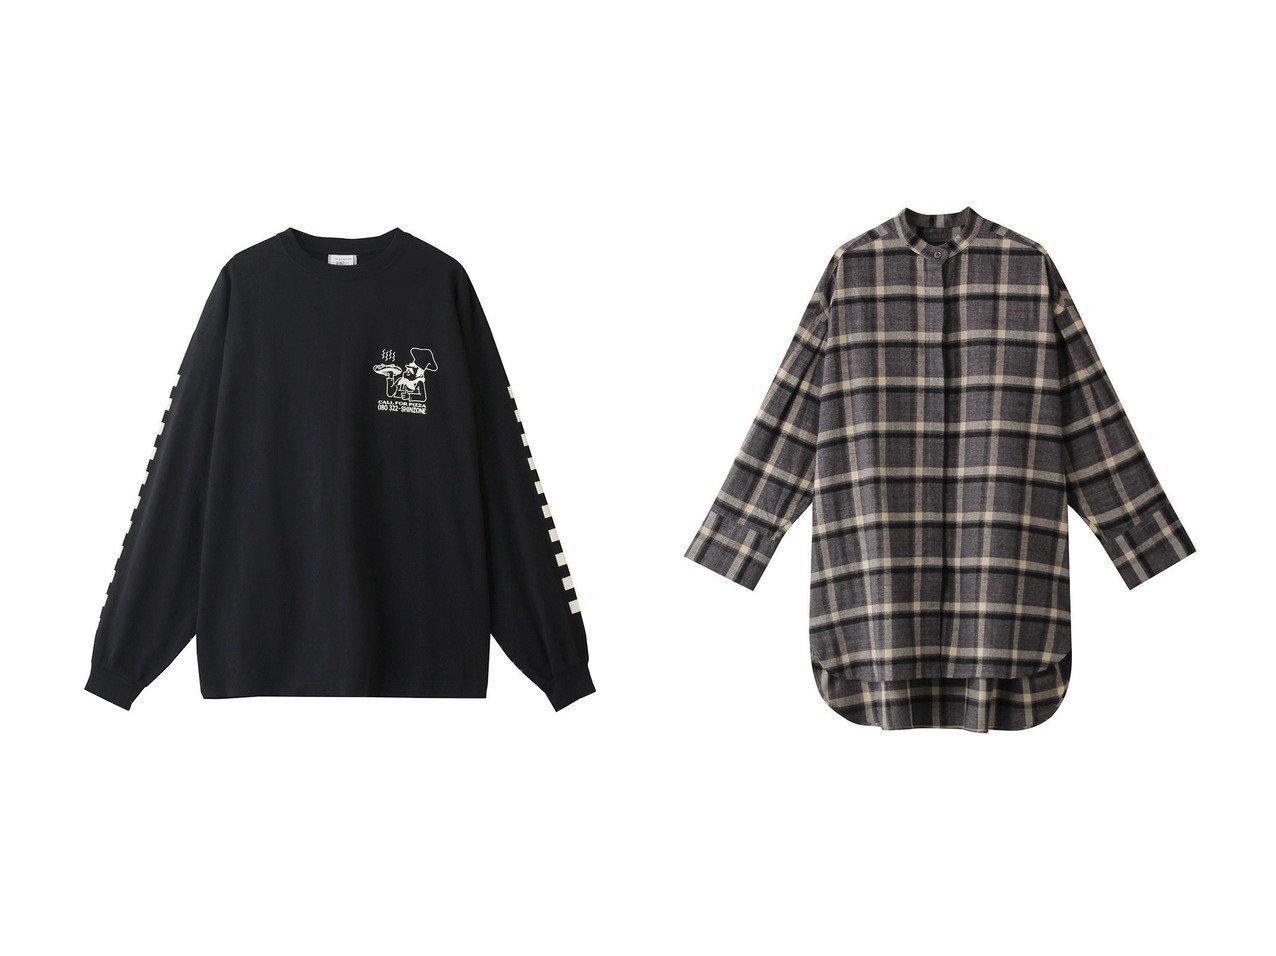 【FLORENT/フローレント】の20Sビエラチェックシャツ&【Shinzone/シンゾーン】のPIZZA ロングTシャツ 【トップス・カットソー】おすすめ!人気、トレンド・レディースファッションの通販 おすすめで人気の流行・トレンド、ファッションの通販商品 インテリア・家具・メンズファッション・キッズファッション・レディースファッション・服の通販 founy(ファニー) https://founy.com/ ファッション Fashion レディースファッション WOMEN トップス・カットソー Tops/Tshirt シャツ/ブラウス Shirts/Blouses ロング / Tシャツ T-Shirts カットソー Cut and Sewn 2020年 2020 2020-2021秋冬・A/W AW・Autumn/Winter・FW・Fall-Winter/2020-2021 2021年 2021 2021-2022秋冬・A/W AW・Autumn/Winter・FW・Fall-Winter・2021-2022 A/W・秋冬 AW・Autumn/Winter・FW・Fall-Winter スリーブ プリント モチーフ ロング  ID:crp329100000060626